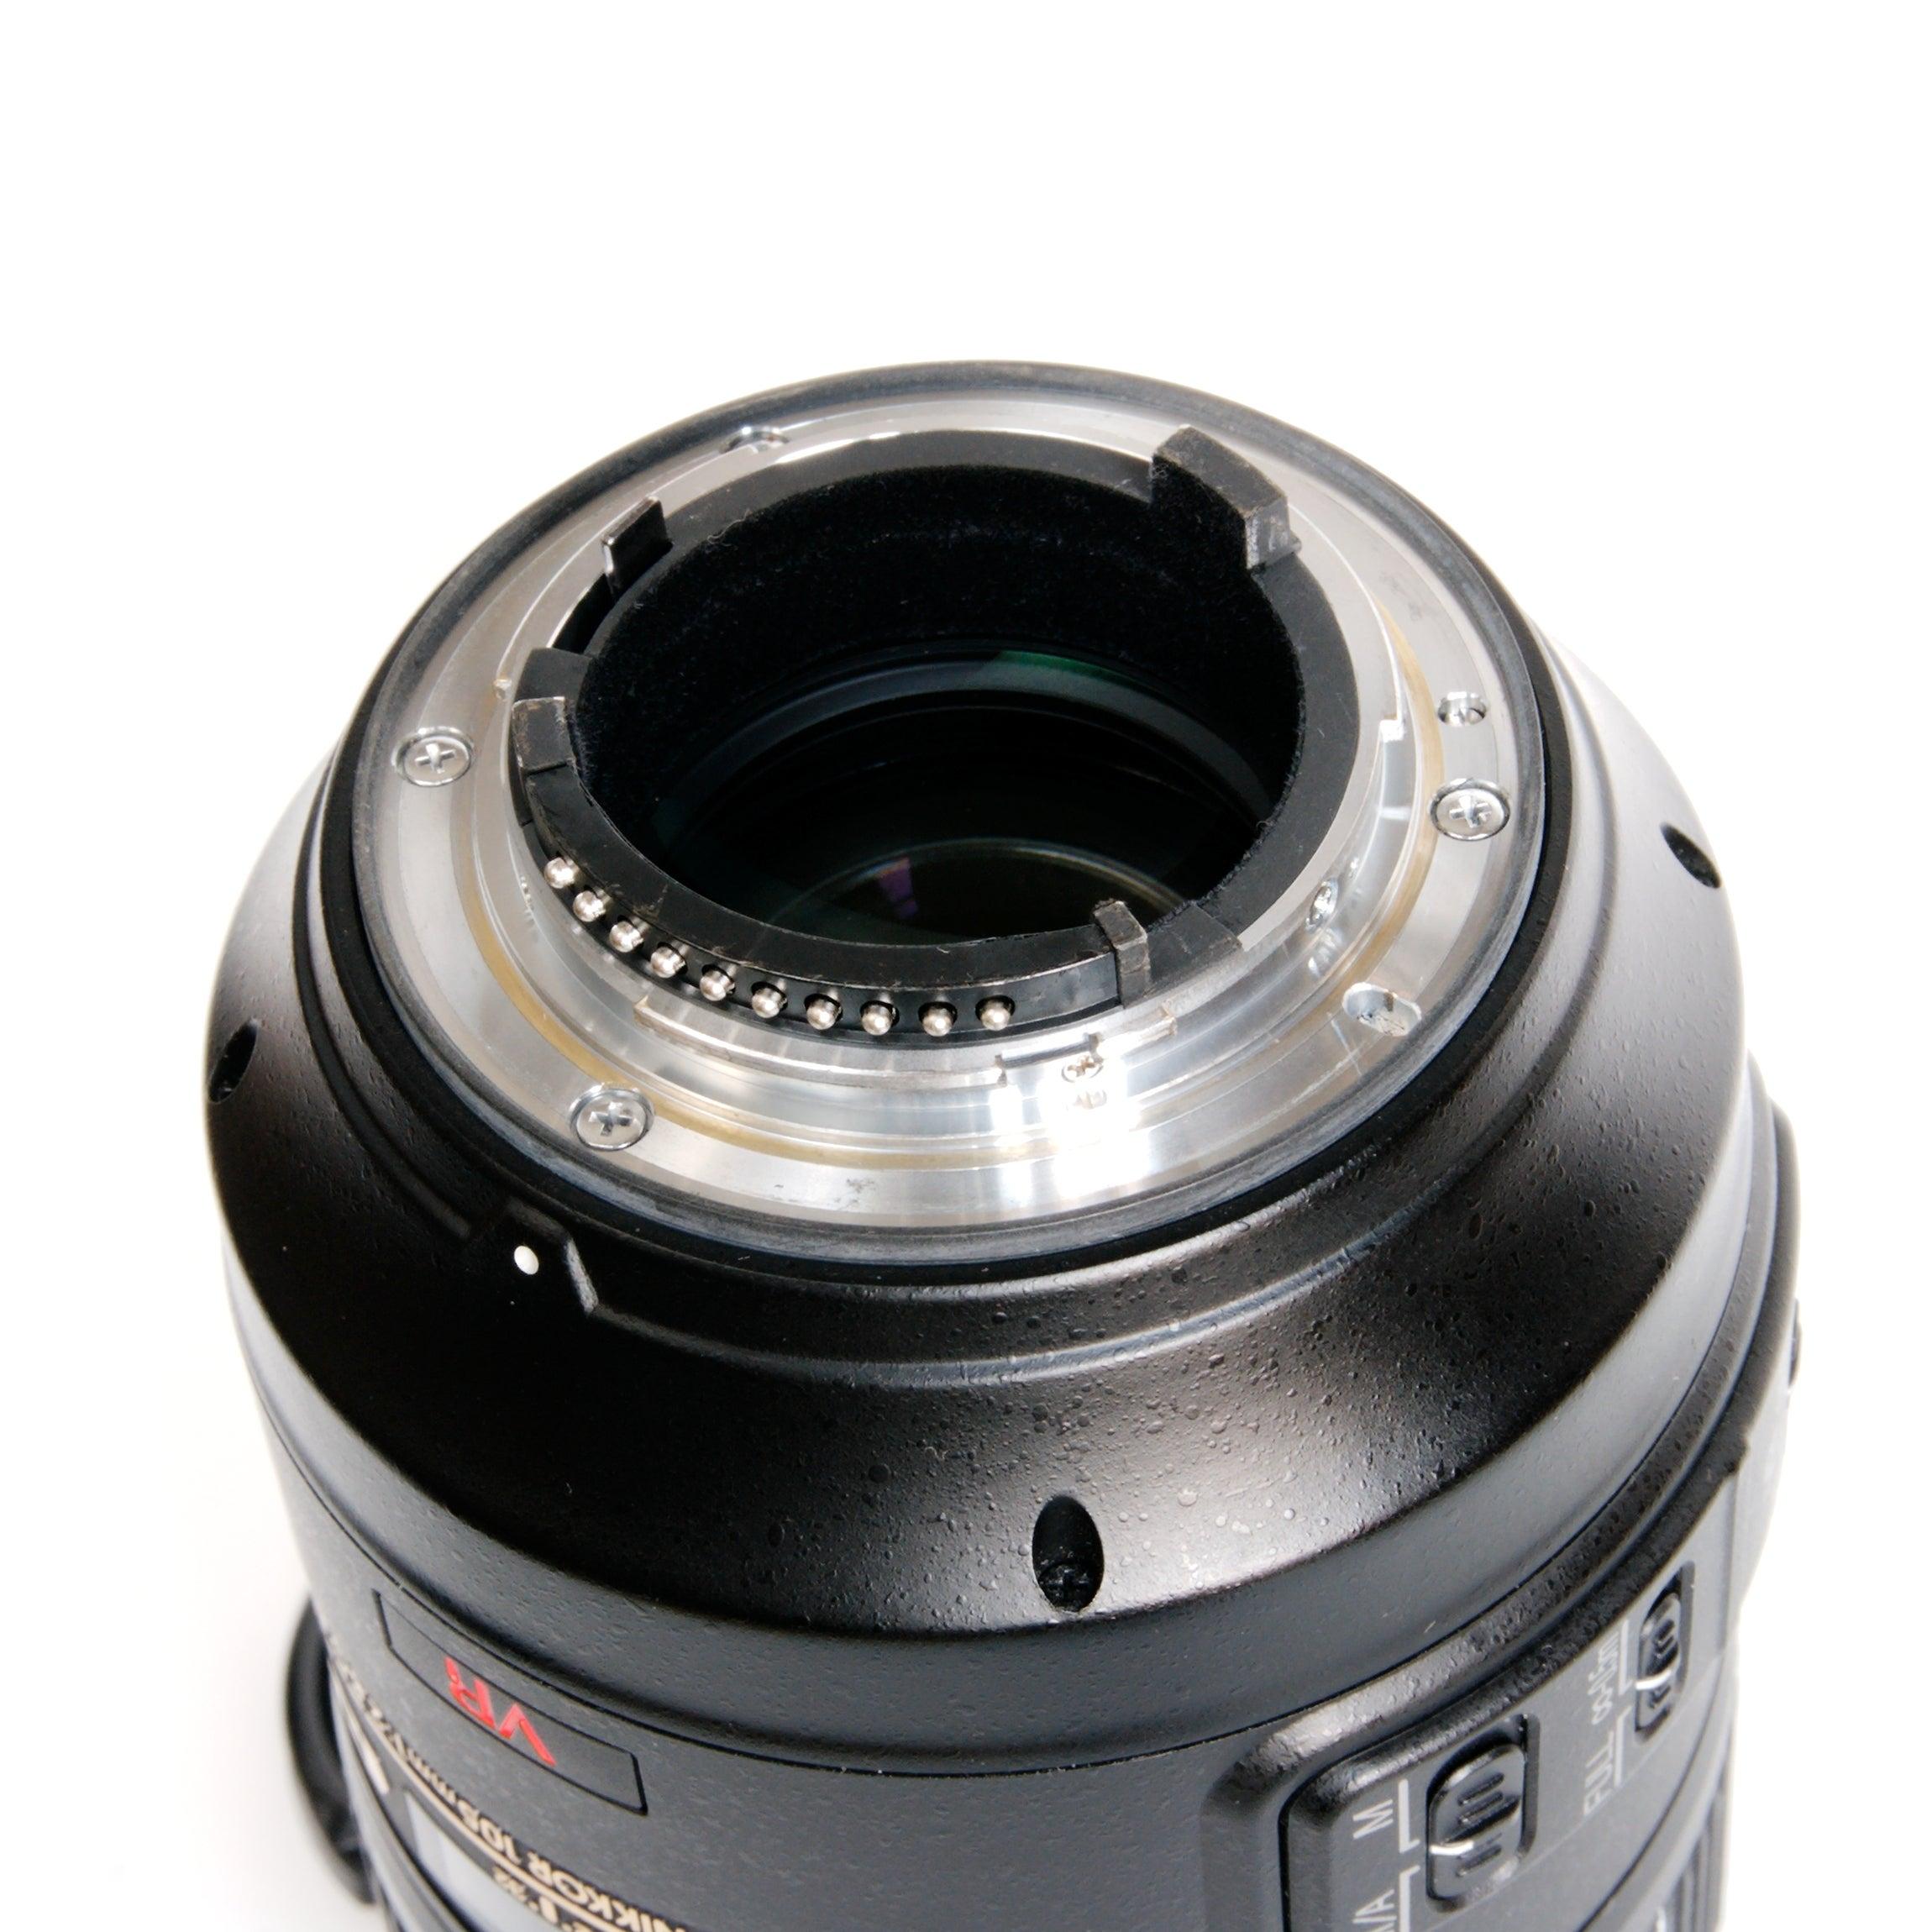 Fotodiox Pro Lens Mount Adapter - Pentax K AF Mount (PKAF